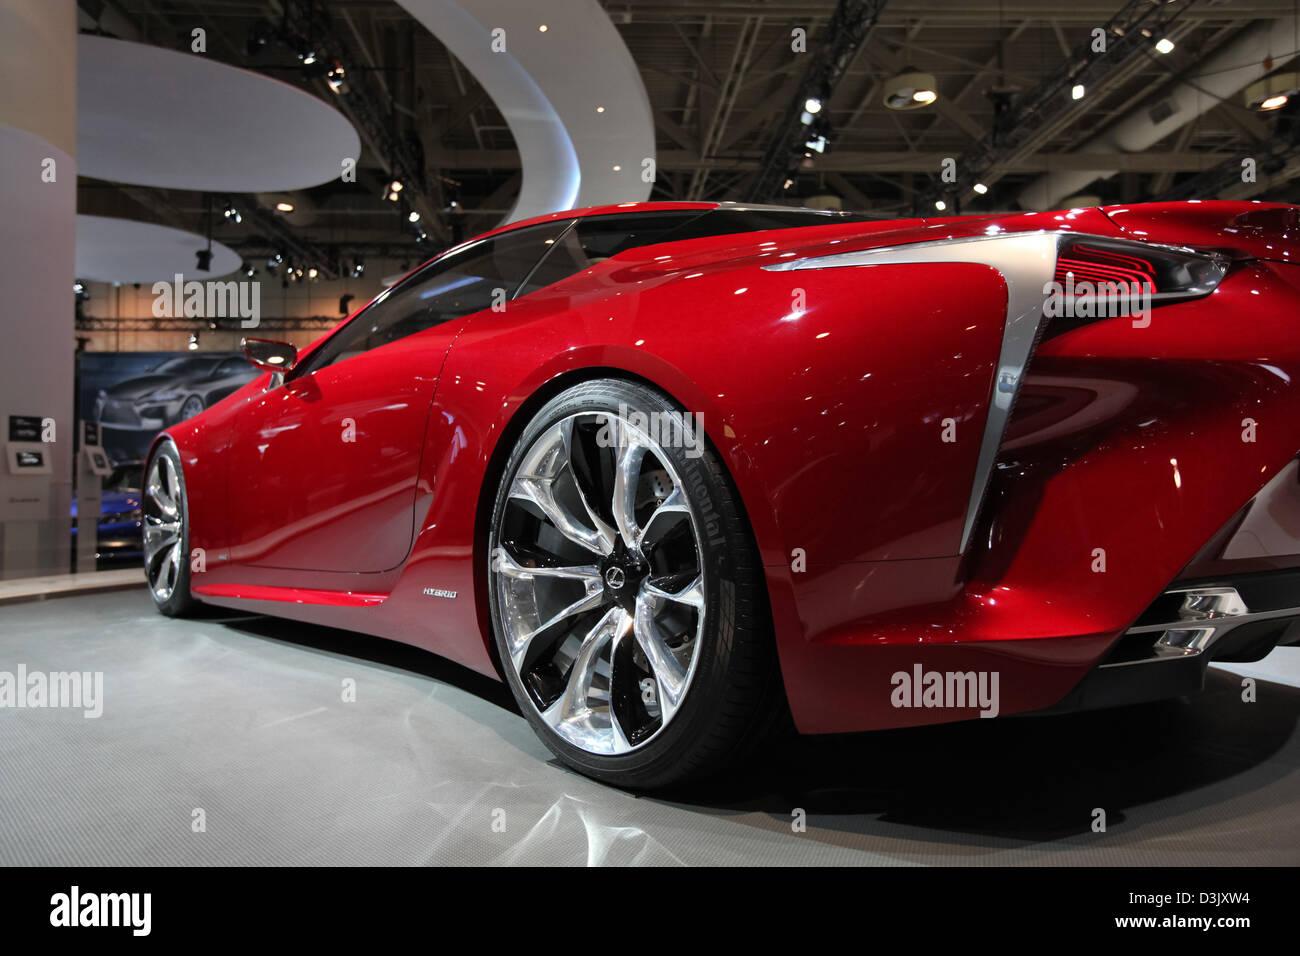 Lexus Lf Lc Concept Car Rear View